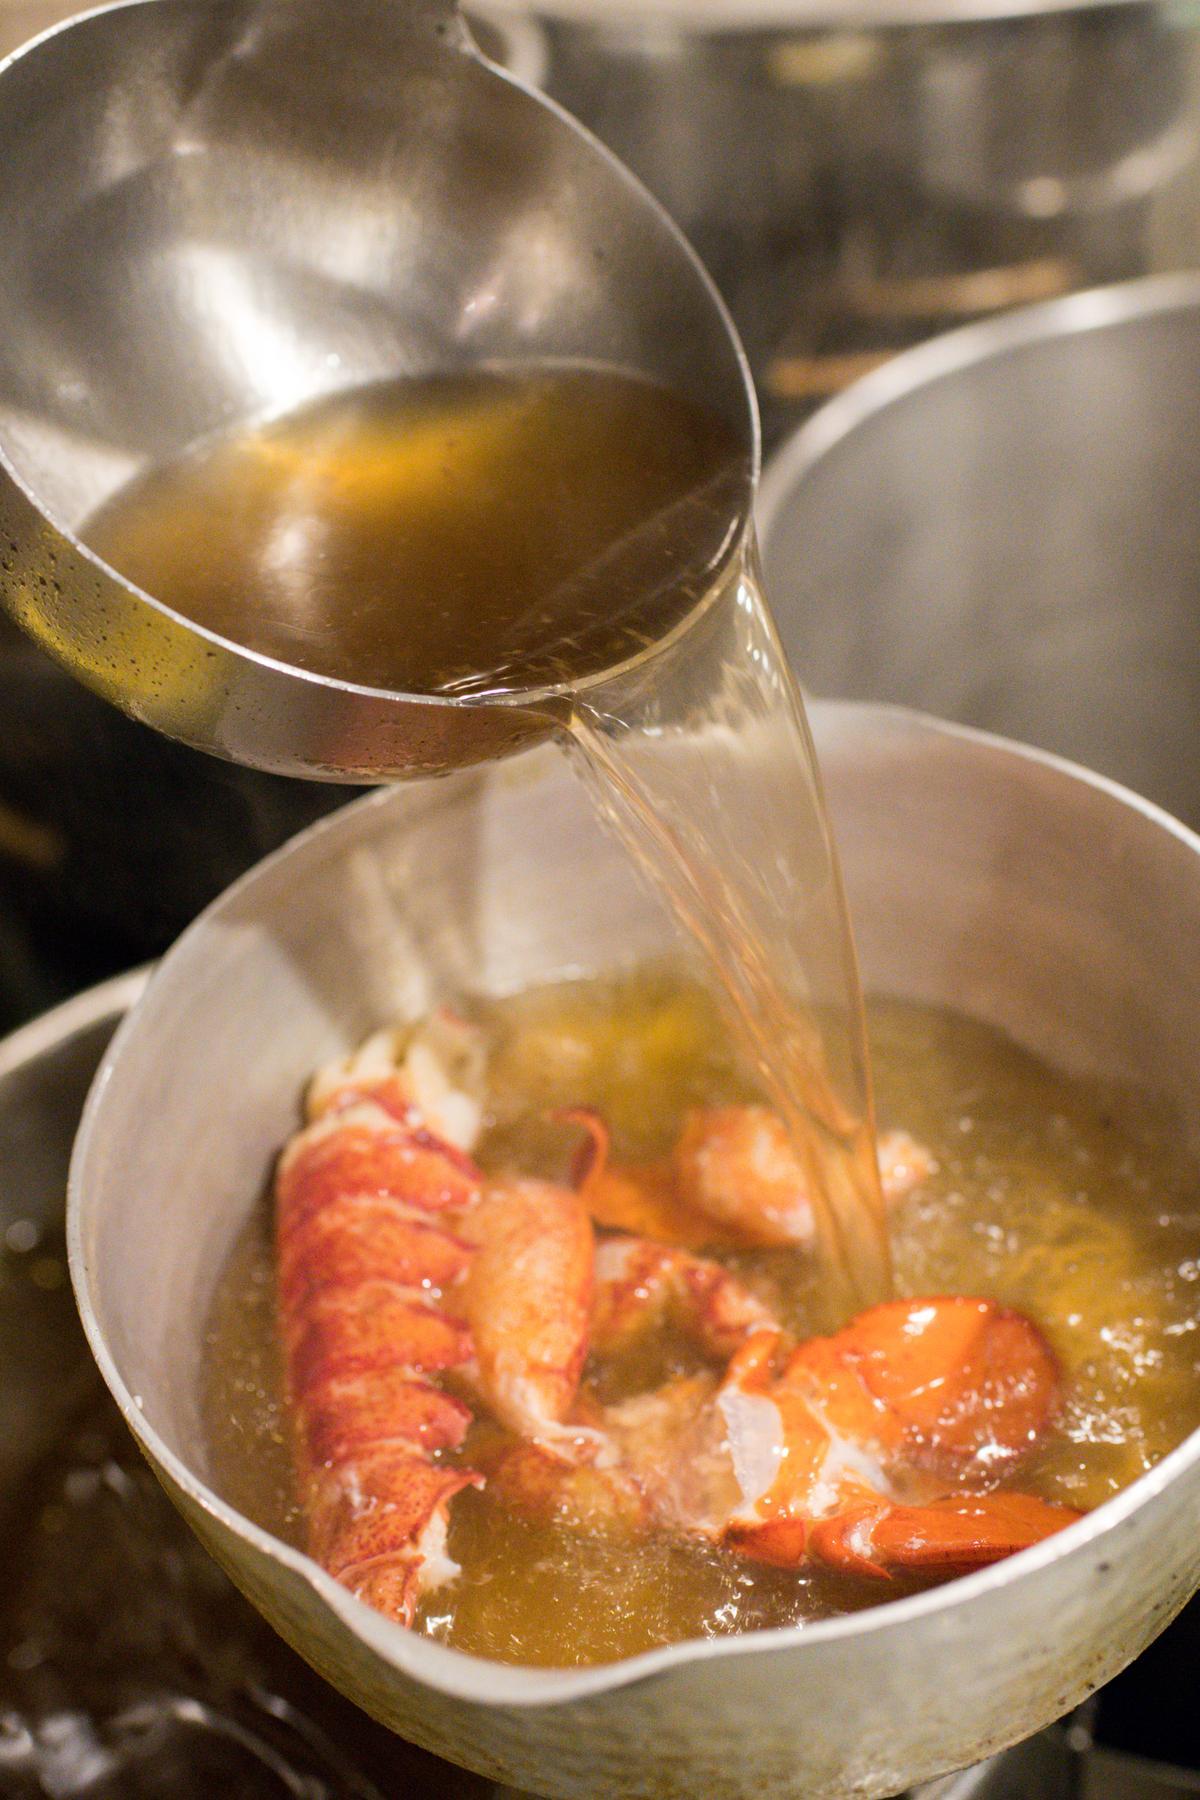 油炸過的蝦殼淋上金黃牛骨高湯一起煮。